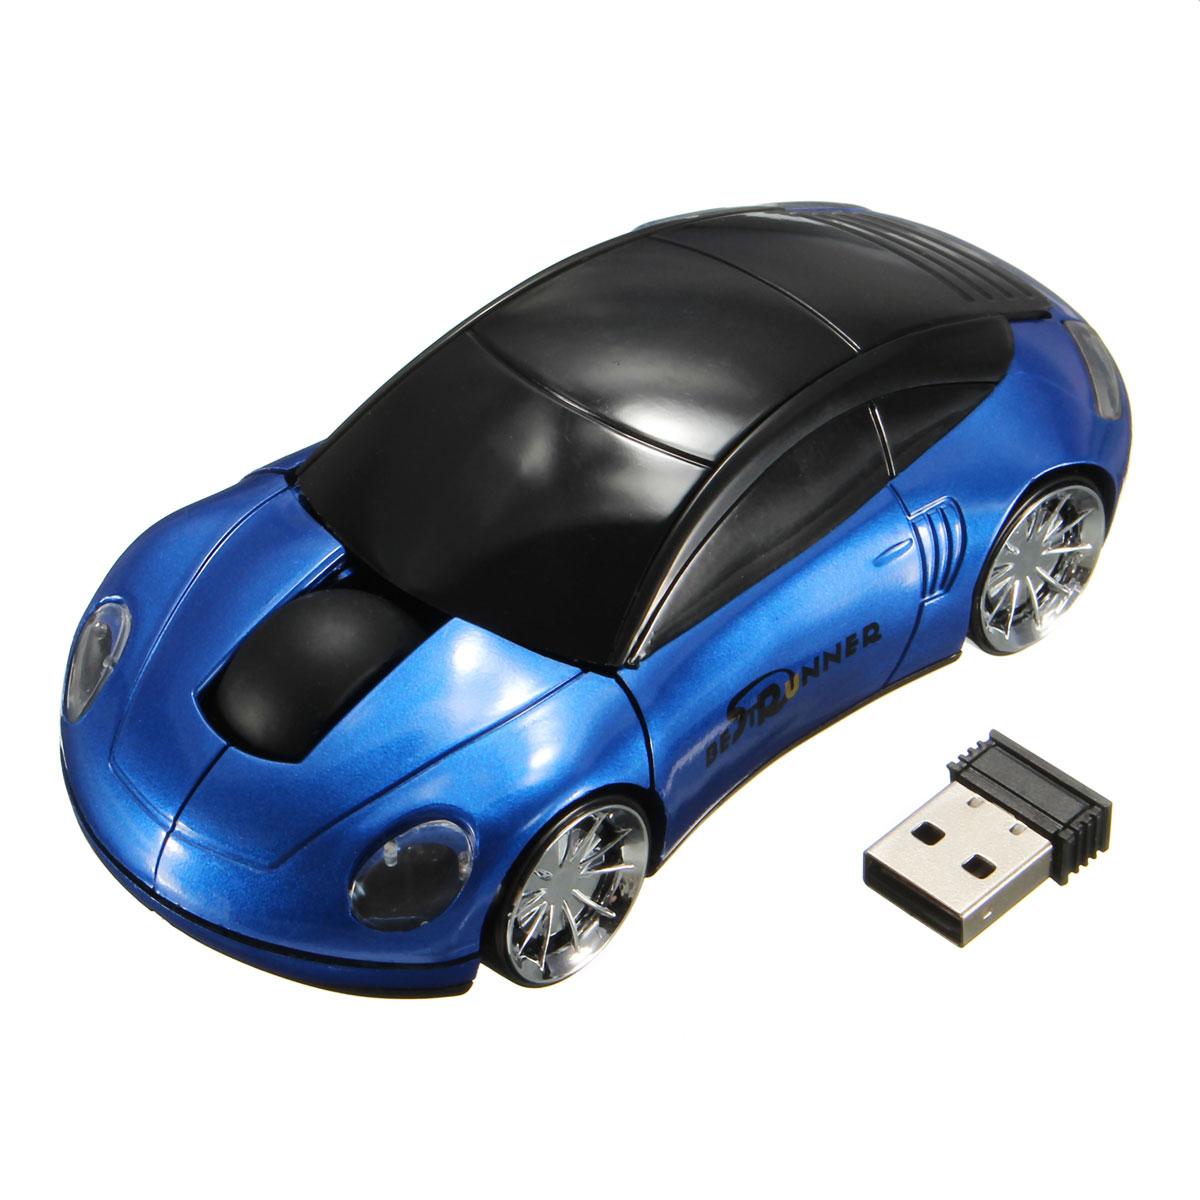 bestrunner 2 4ghz wireless usb optical car mouse mice. Black Bedroom Furniture Sets. Home Design Ideas